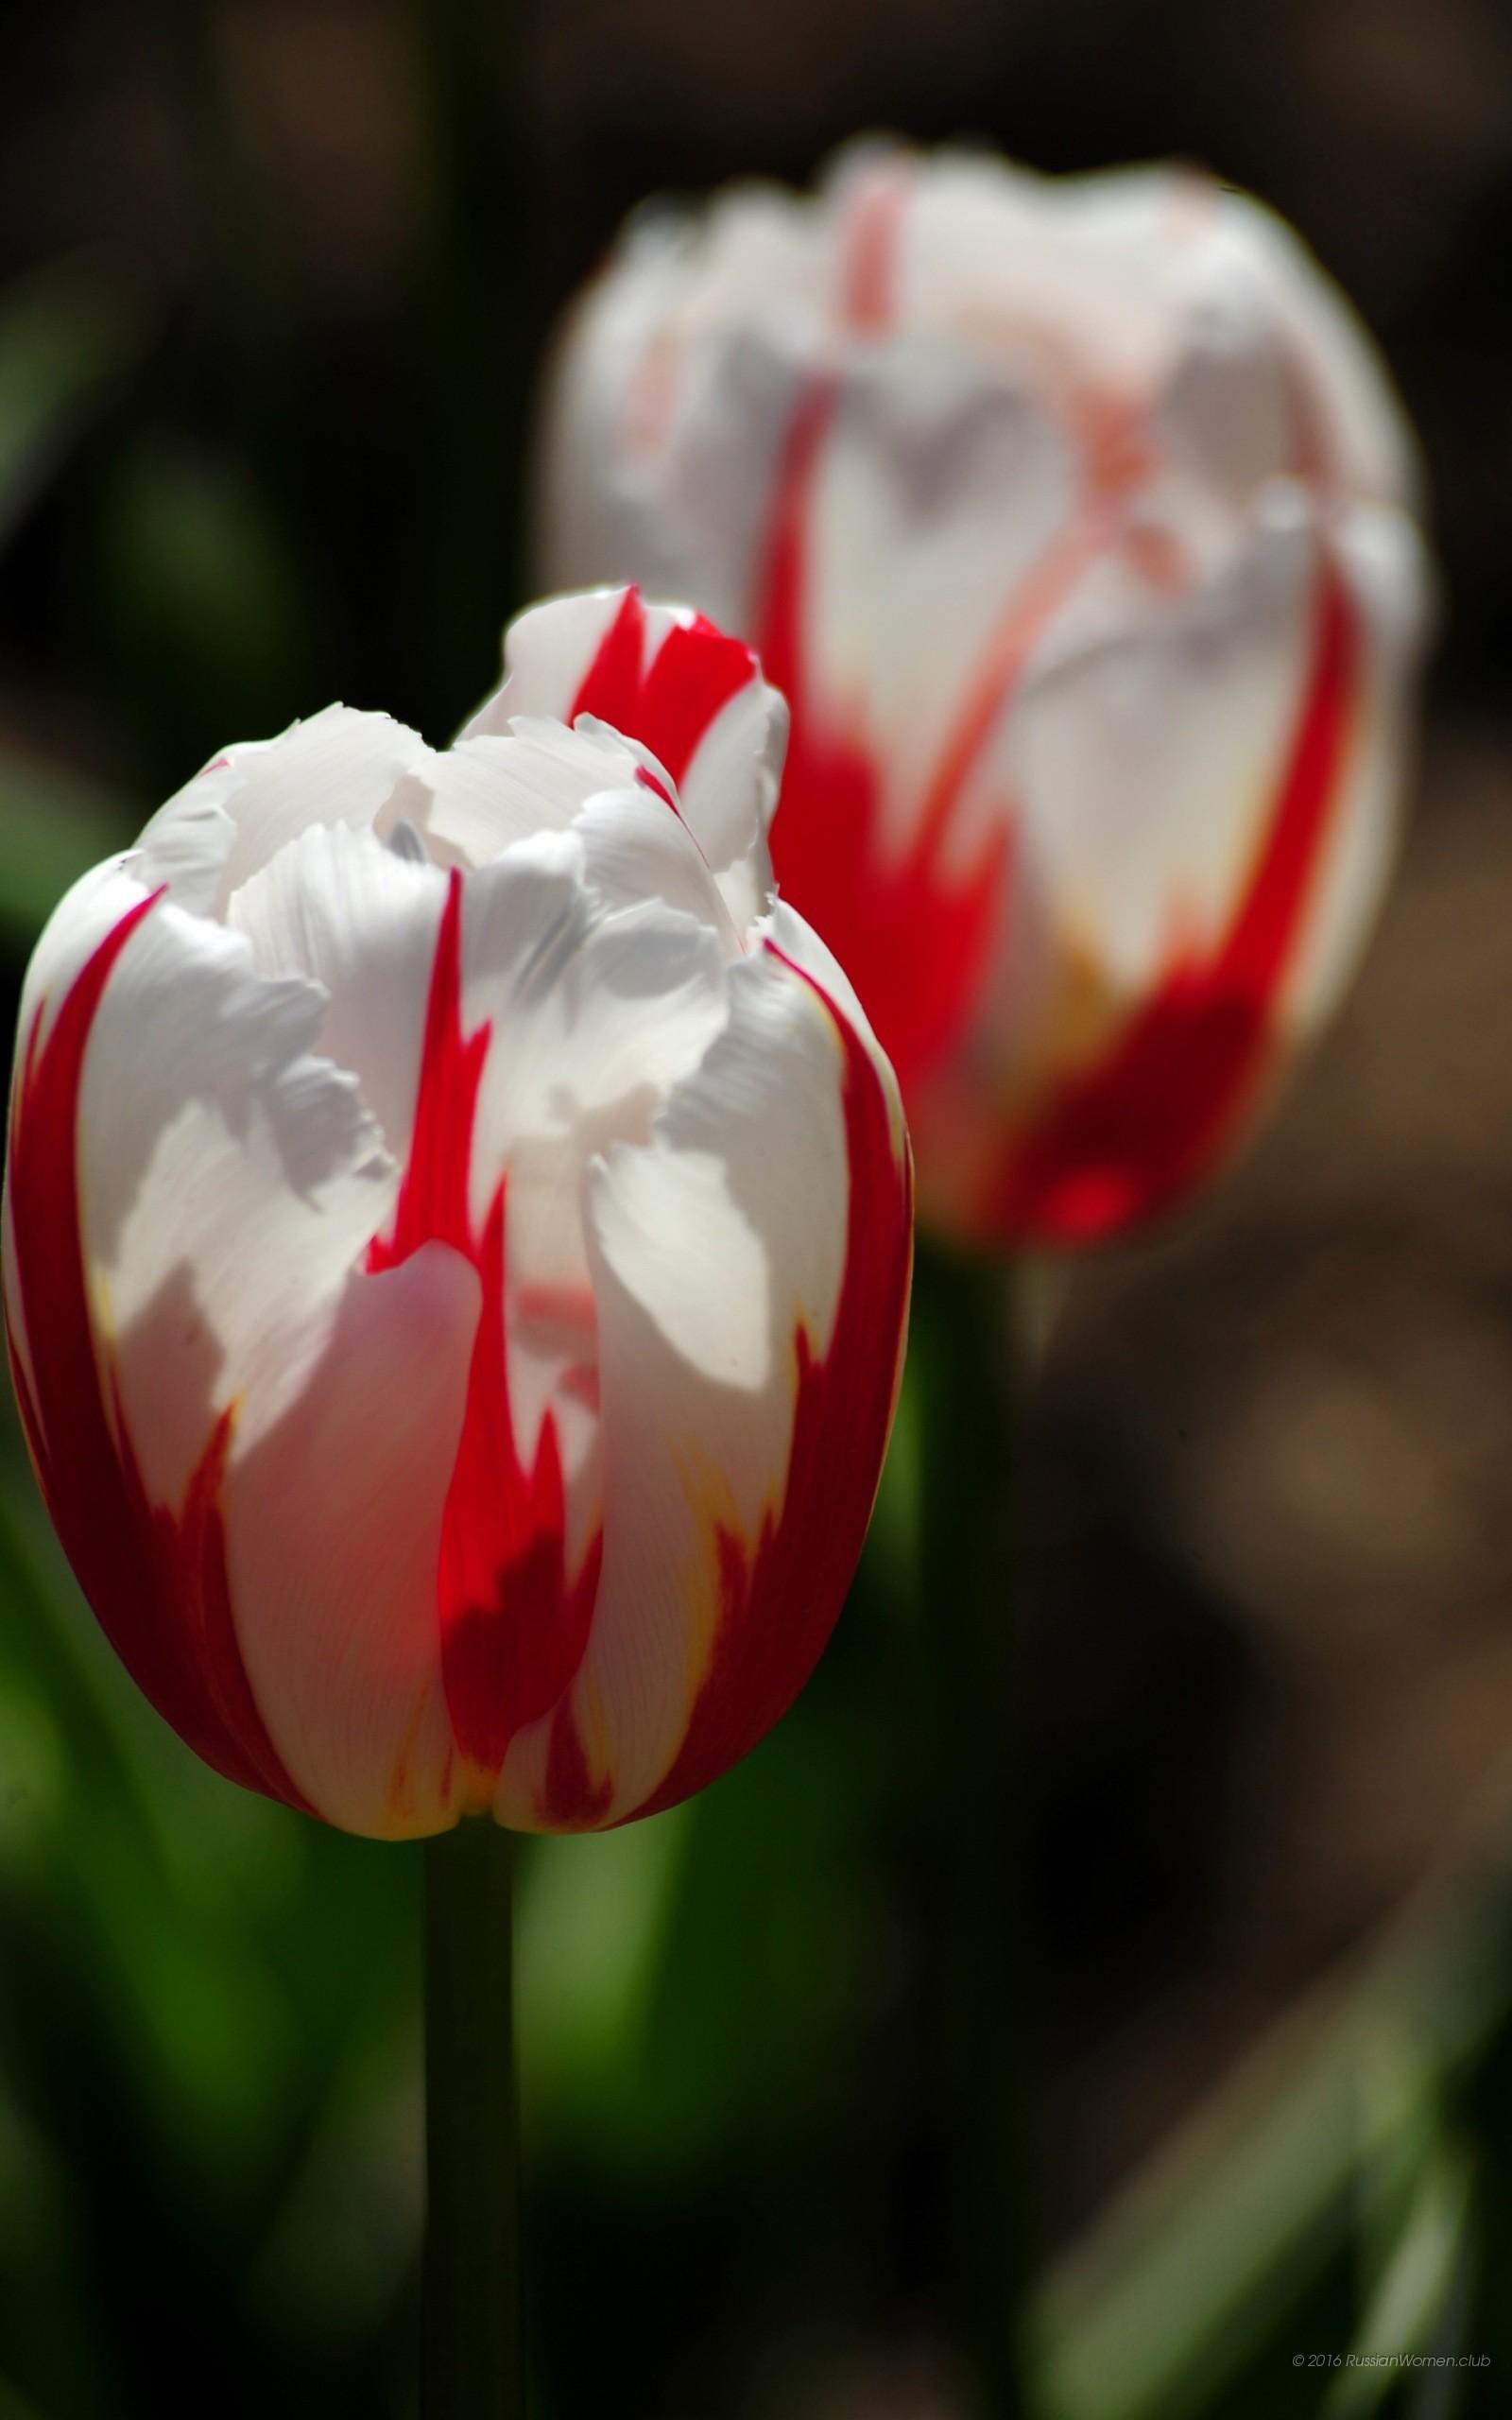 Sfondi primavera hd 71 immagini for 1600x2560 wallpaper hd